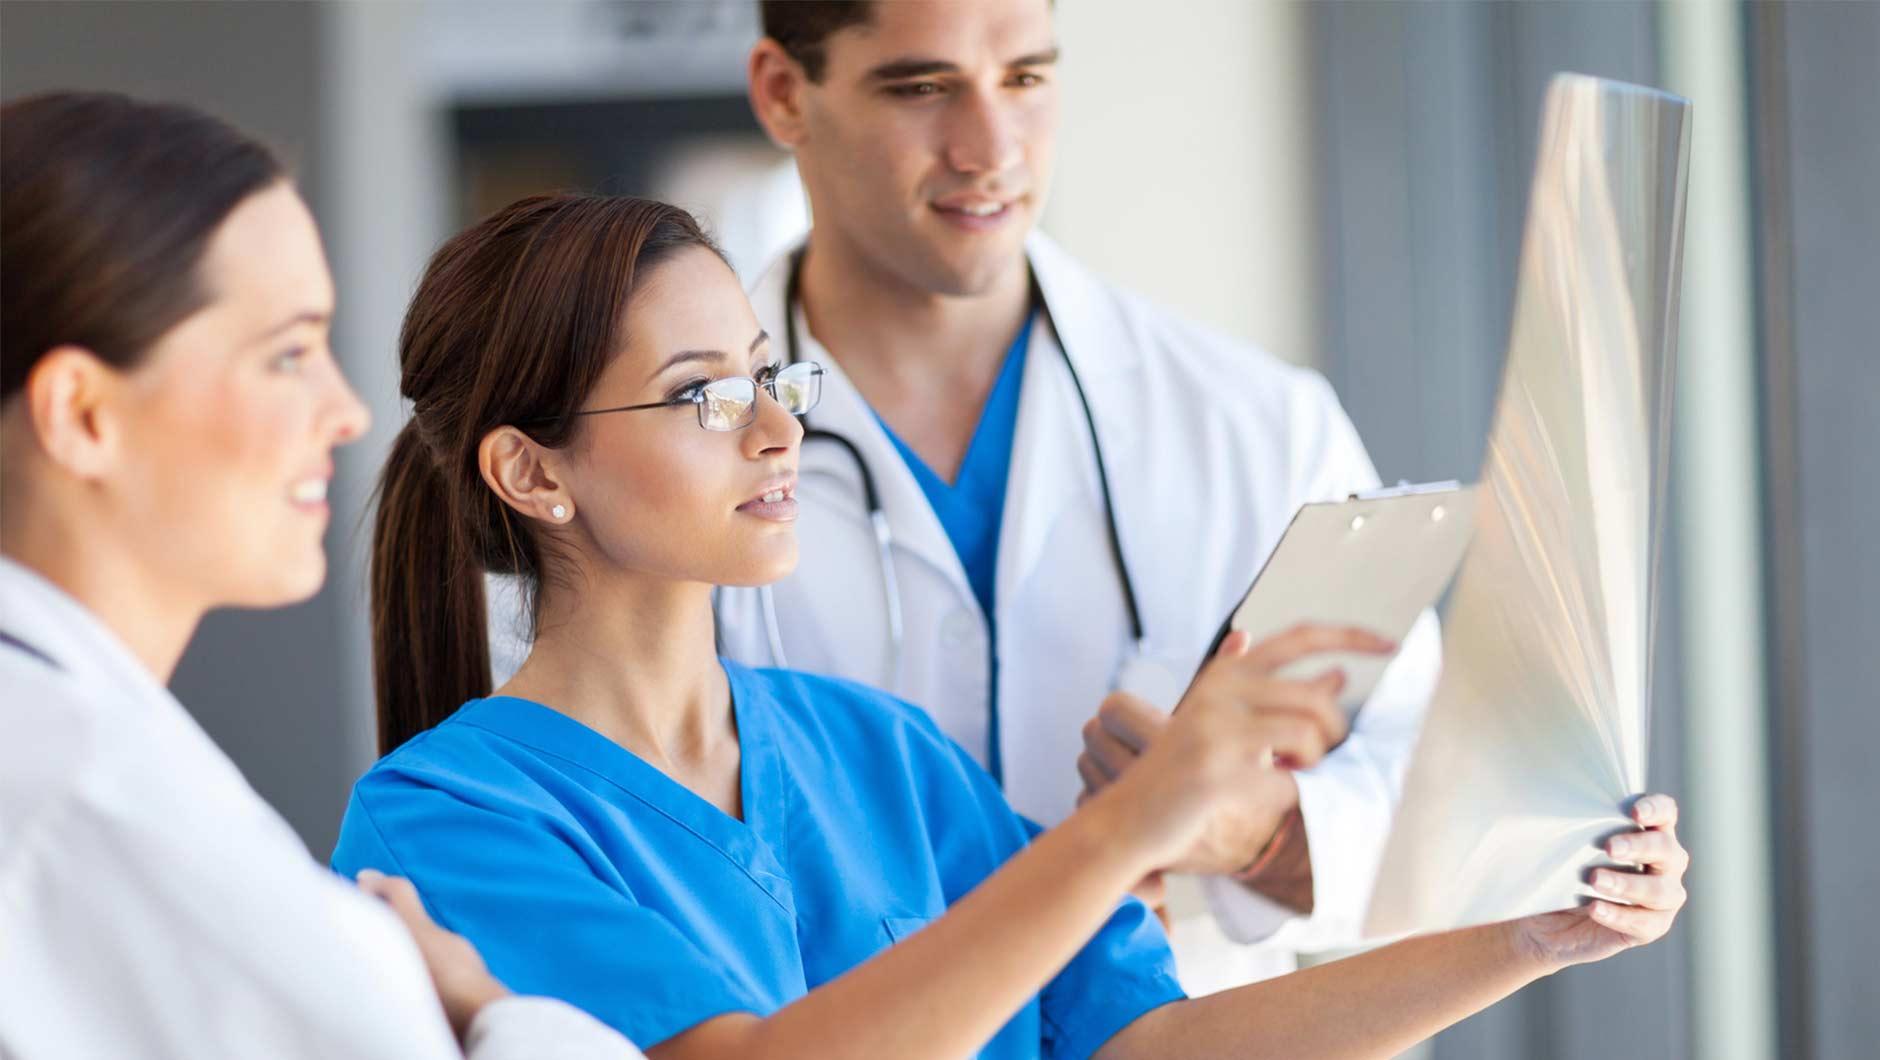 Противопоказания к профессии врача